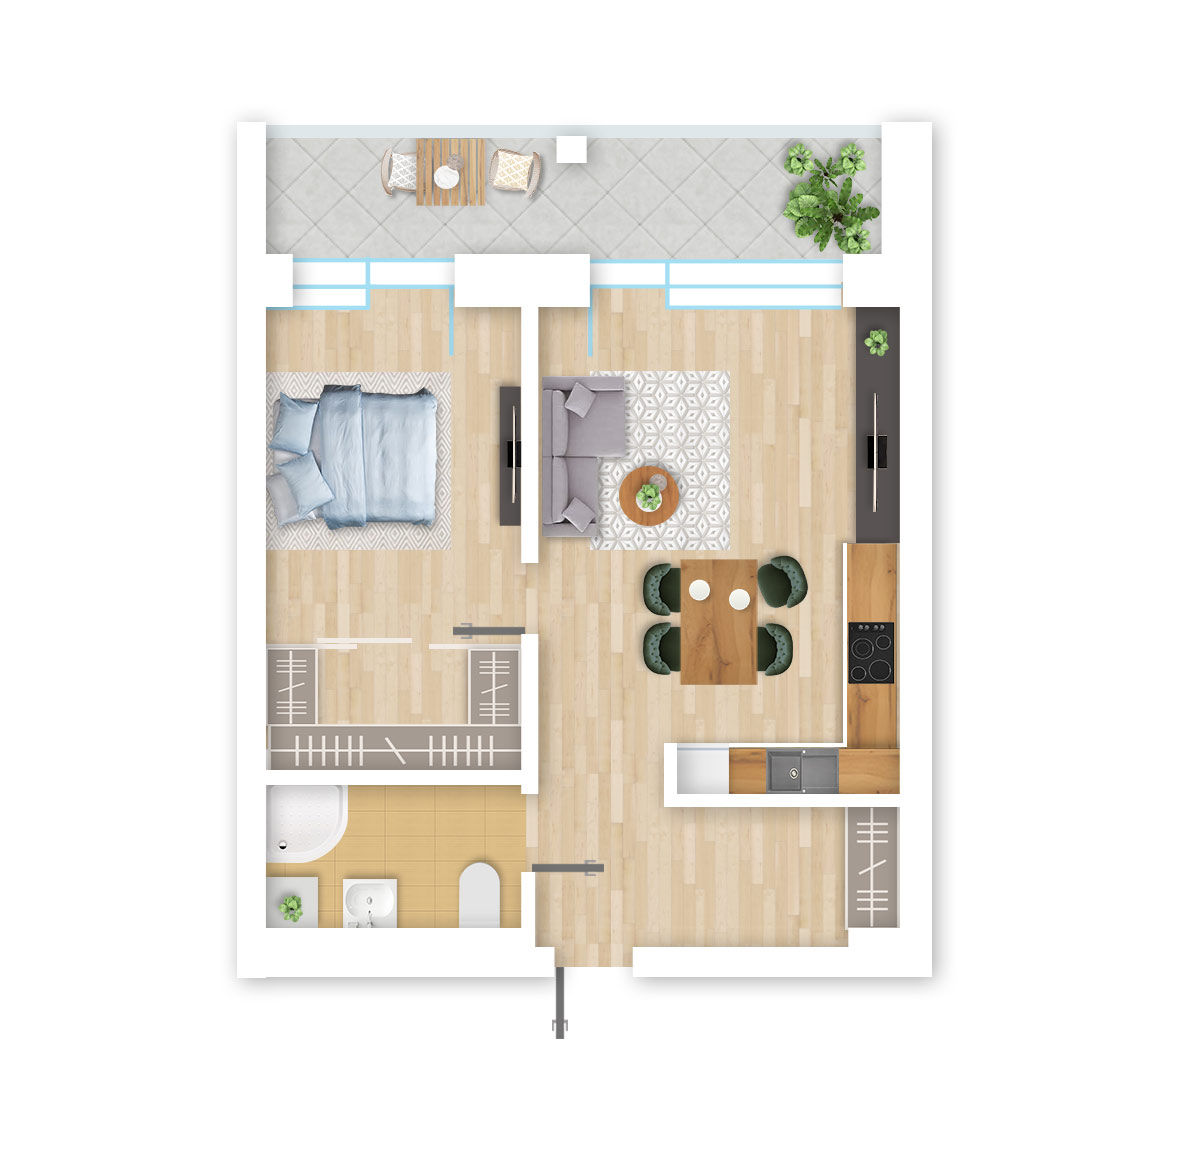 parduodamas butas Lazdynėlių g. 16B - 37 Vilniuje, buto 3D vaizdas